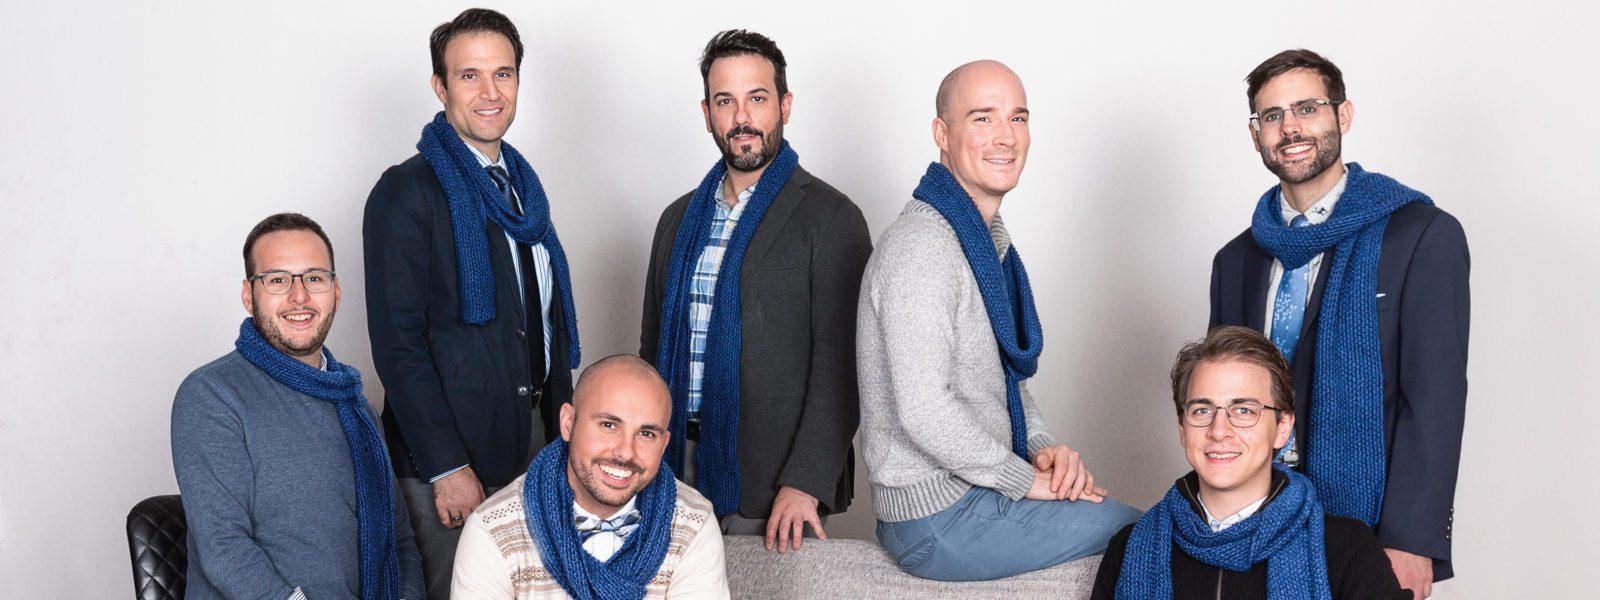 The 7 members of Men Singing Carols wearing blue scarves.